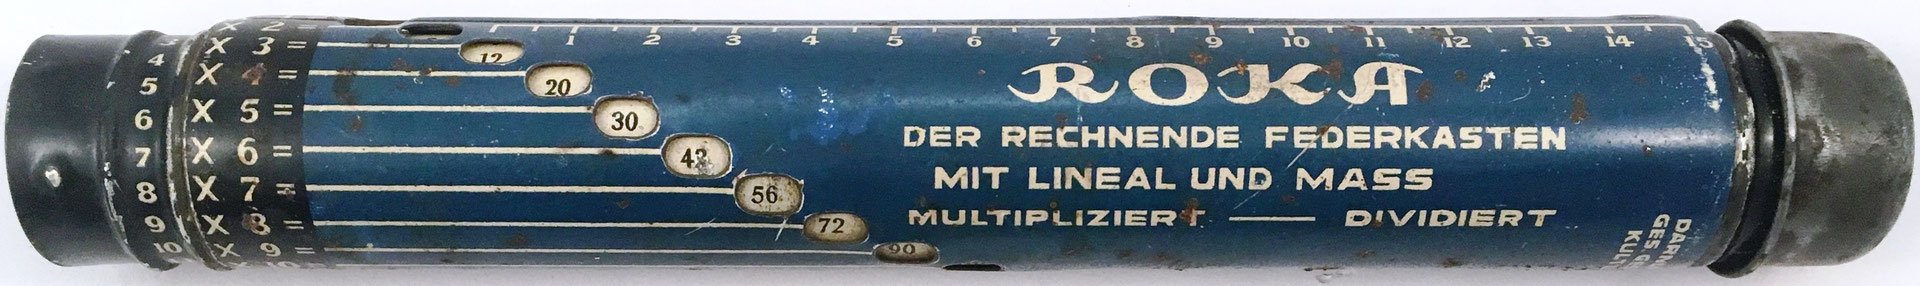 Estuche para lapiceros ROKA, hecho por Solely Manufacturing Co. (Darnley's patent) en Alemania, año 1920, 23 cm largo x 3 cm diámetro